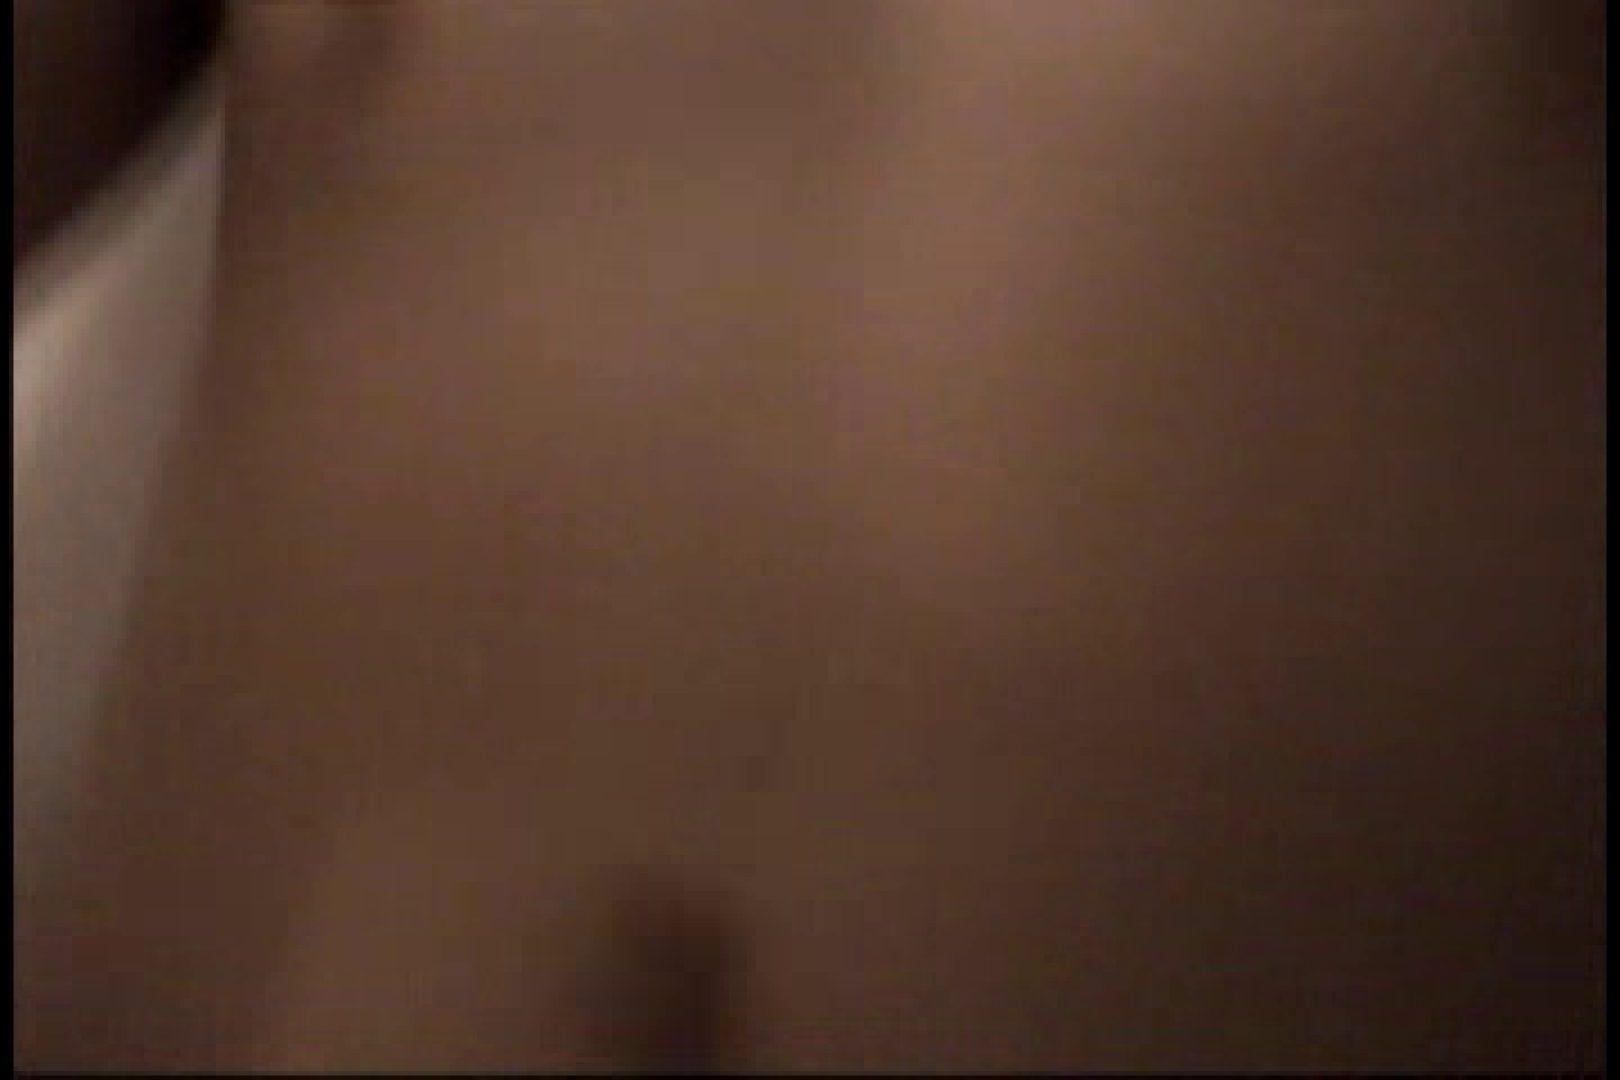 三ツ星シリーズ!!陰間茶屋独占!!第二弾!!イケメン羞恥心File.02 前立腺 ゲイエロビデオ画像 101枚 17